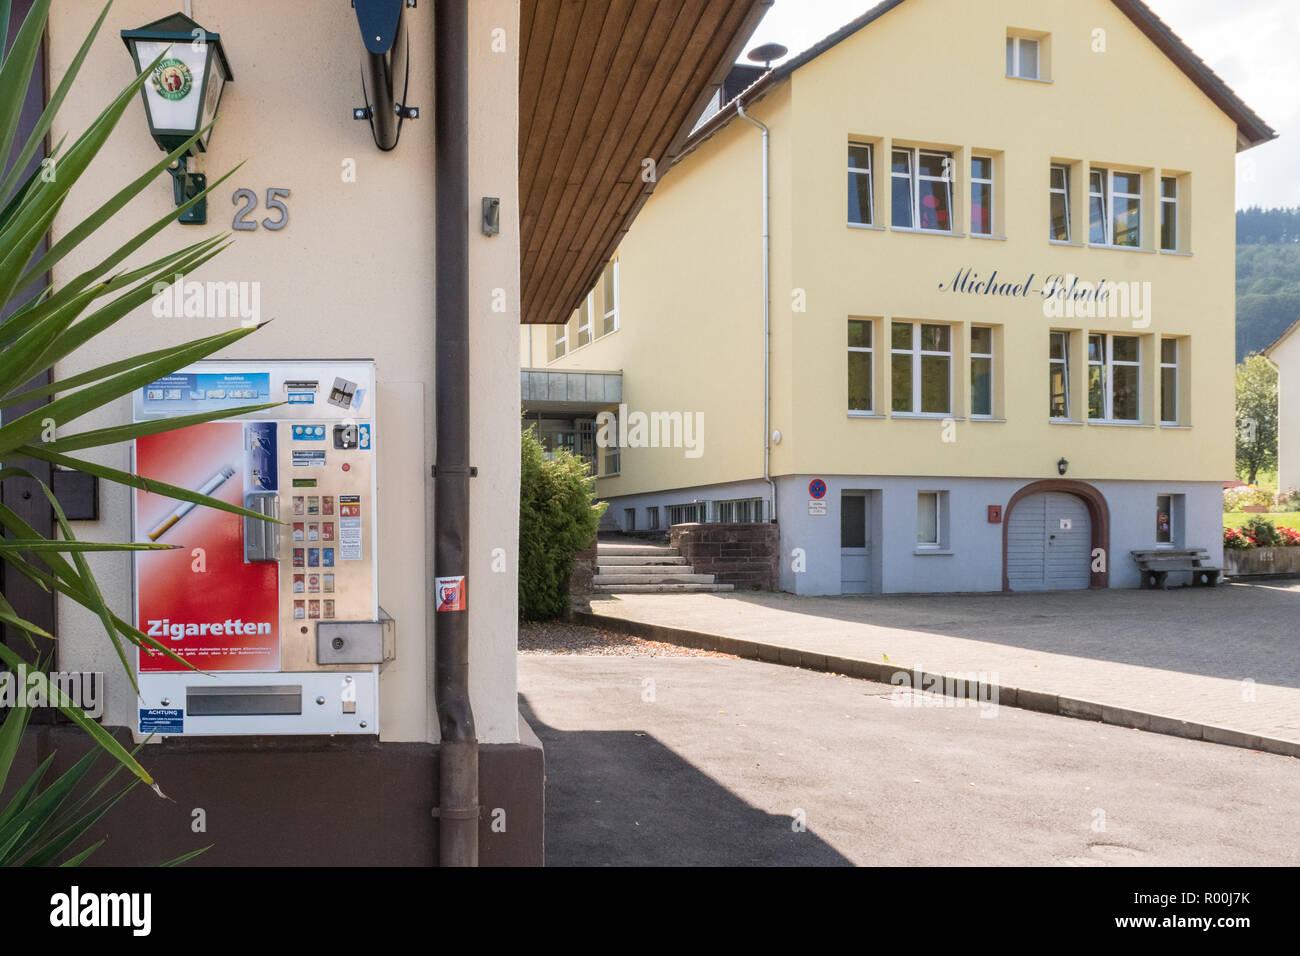 Distributeur automatique de cigarettes à côté d'une école primaire, Oberried, Allemagne, Europe Banque D'Images